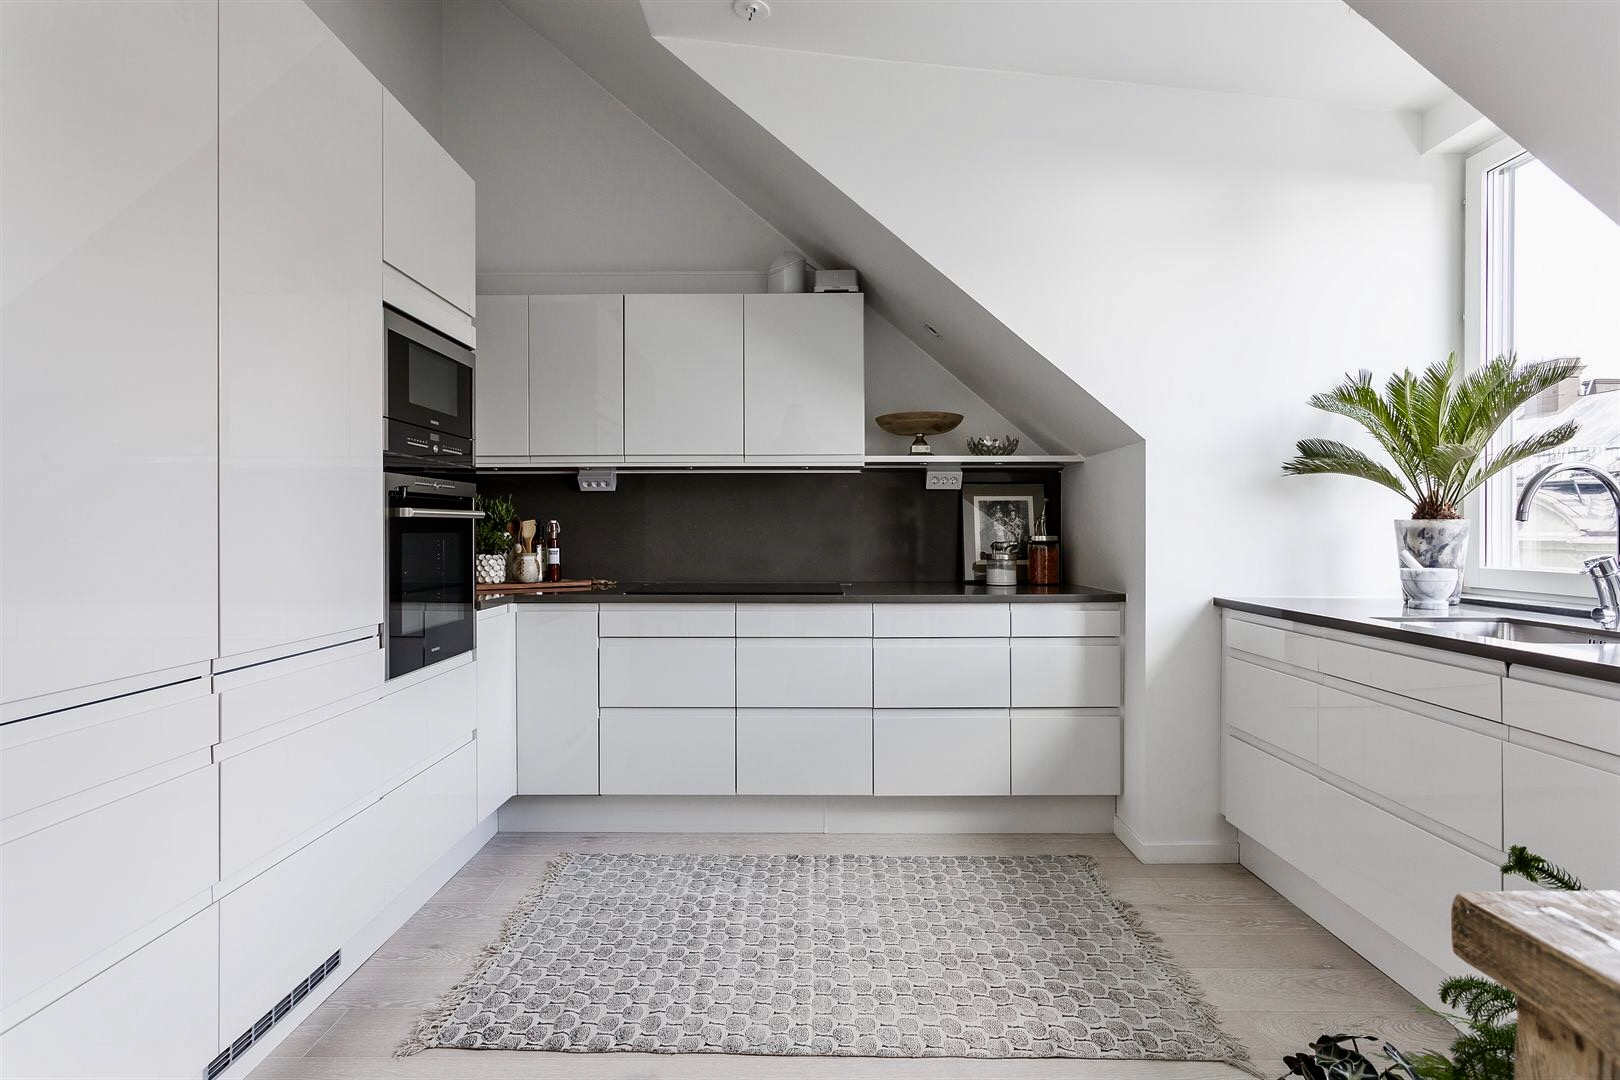 кухня белые гладкие фасады окно мойка смеситель кухонный шкаф встроенная техника мансарда